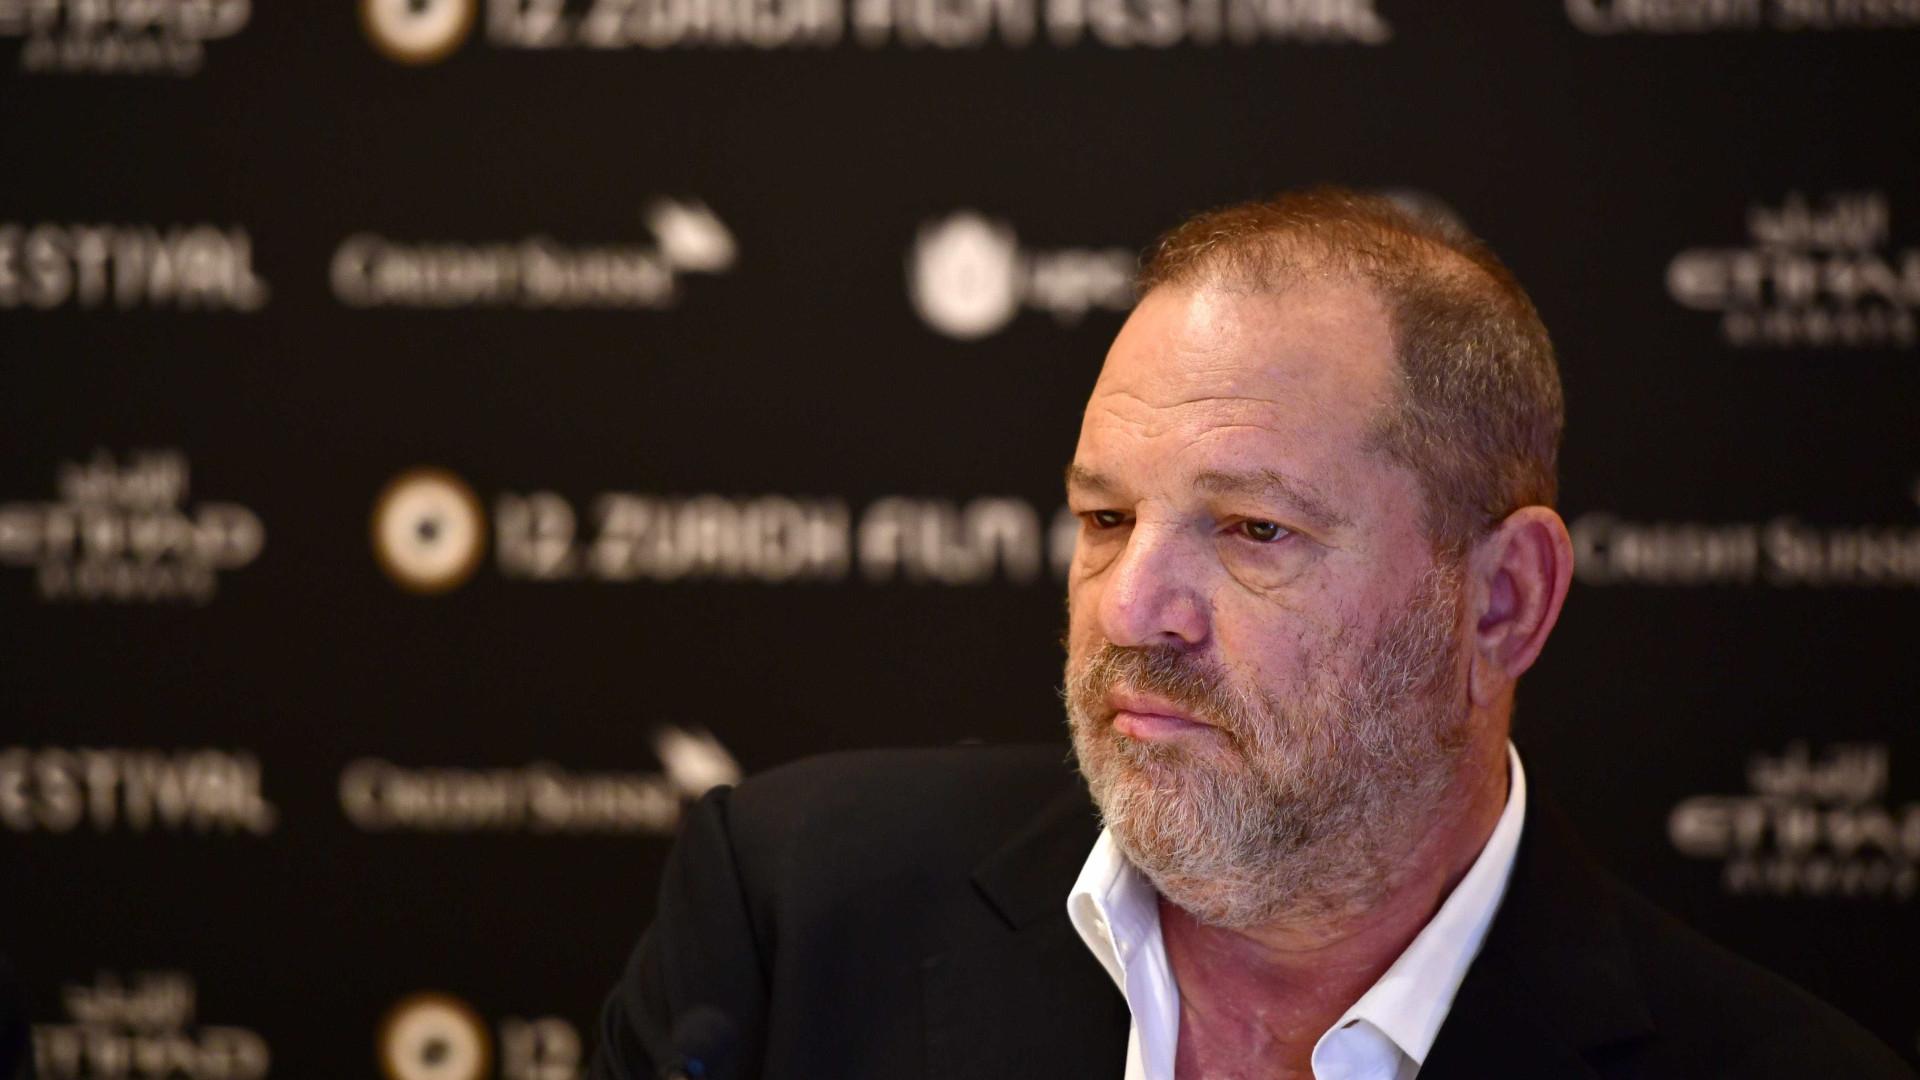 Academia de Cinema adota código de conduta após expulsão de Weinstein